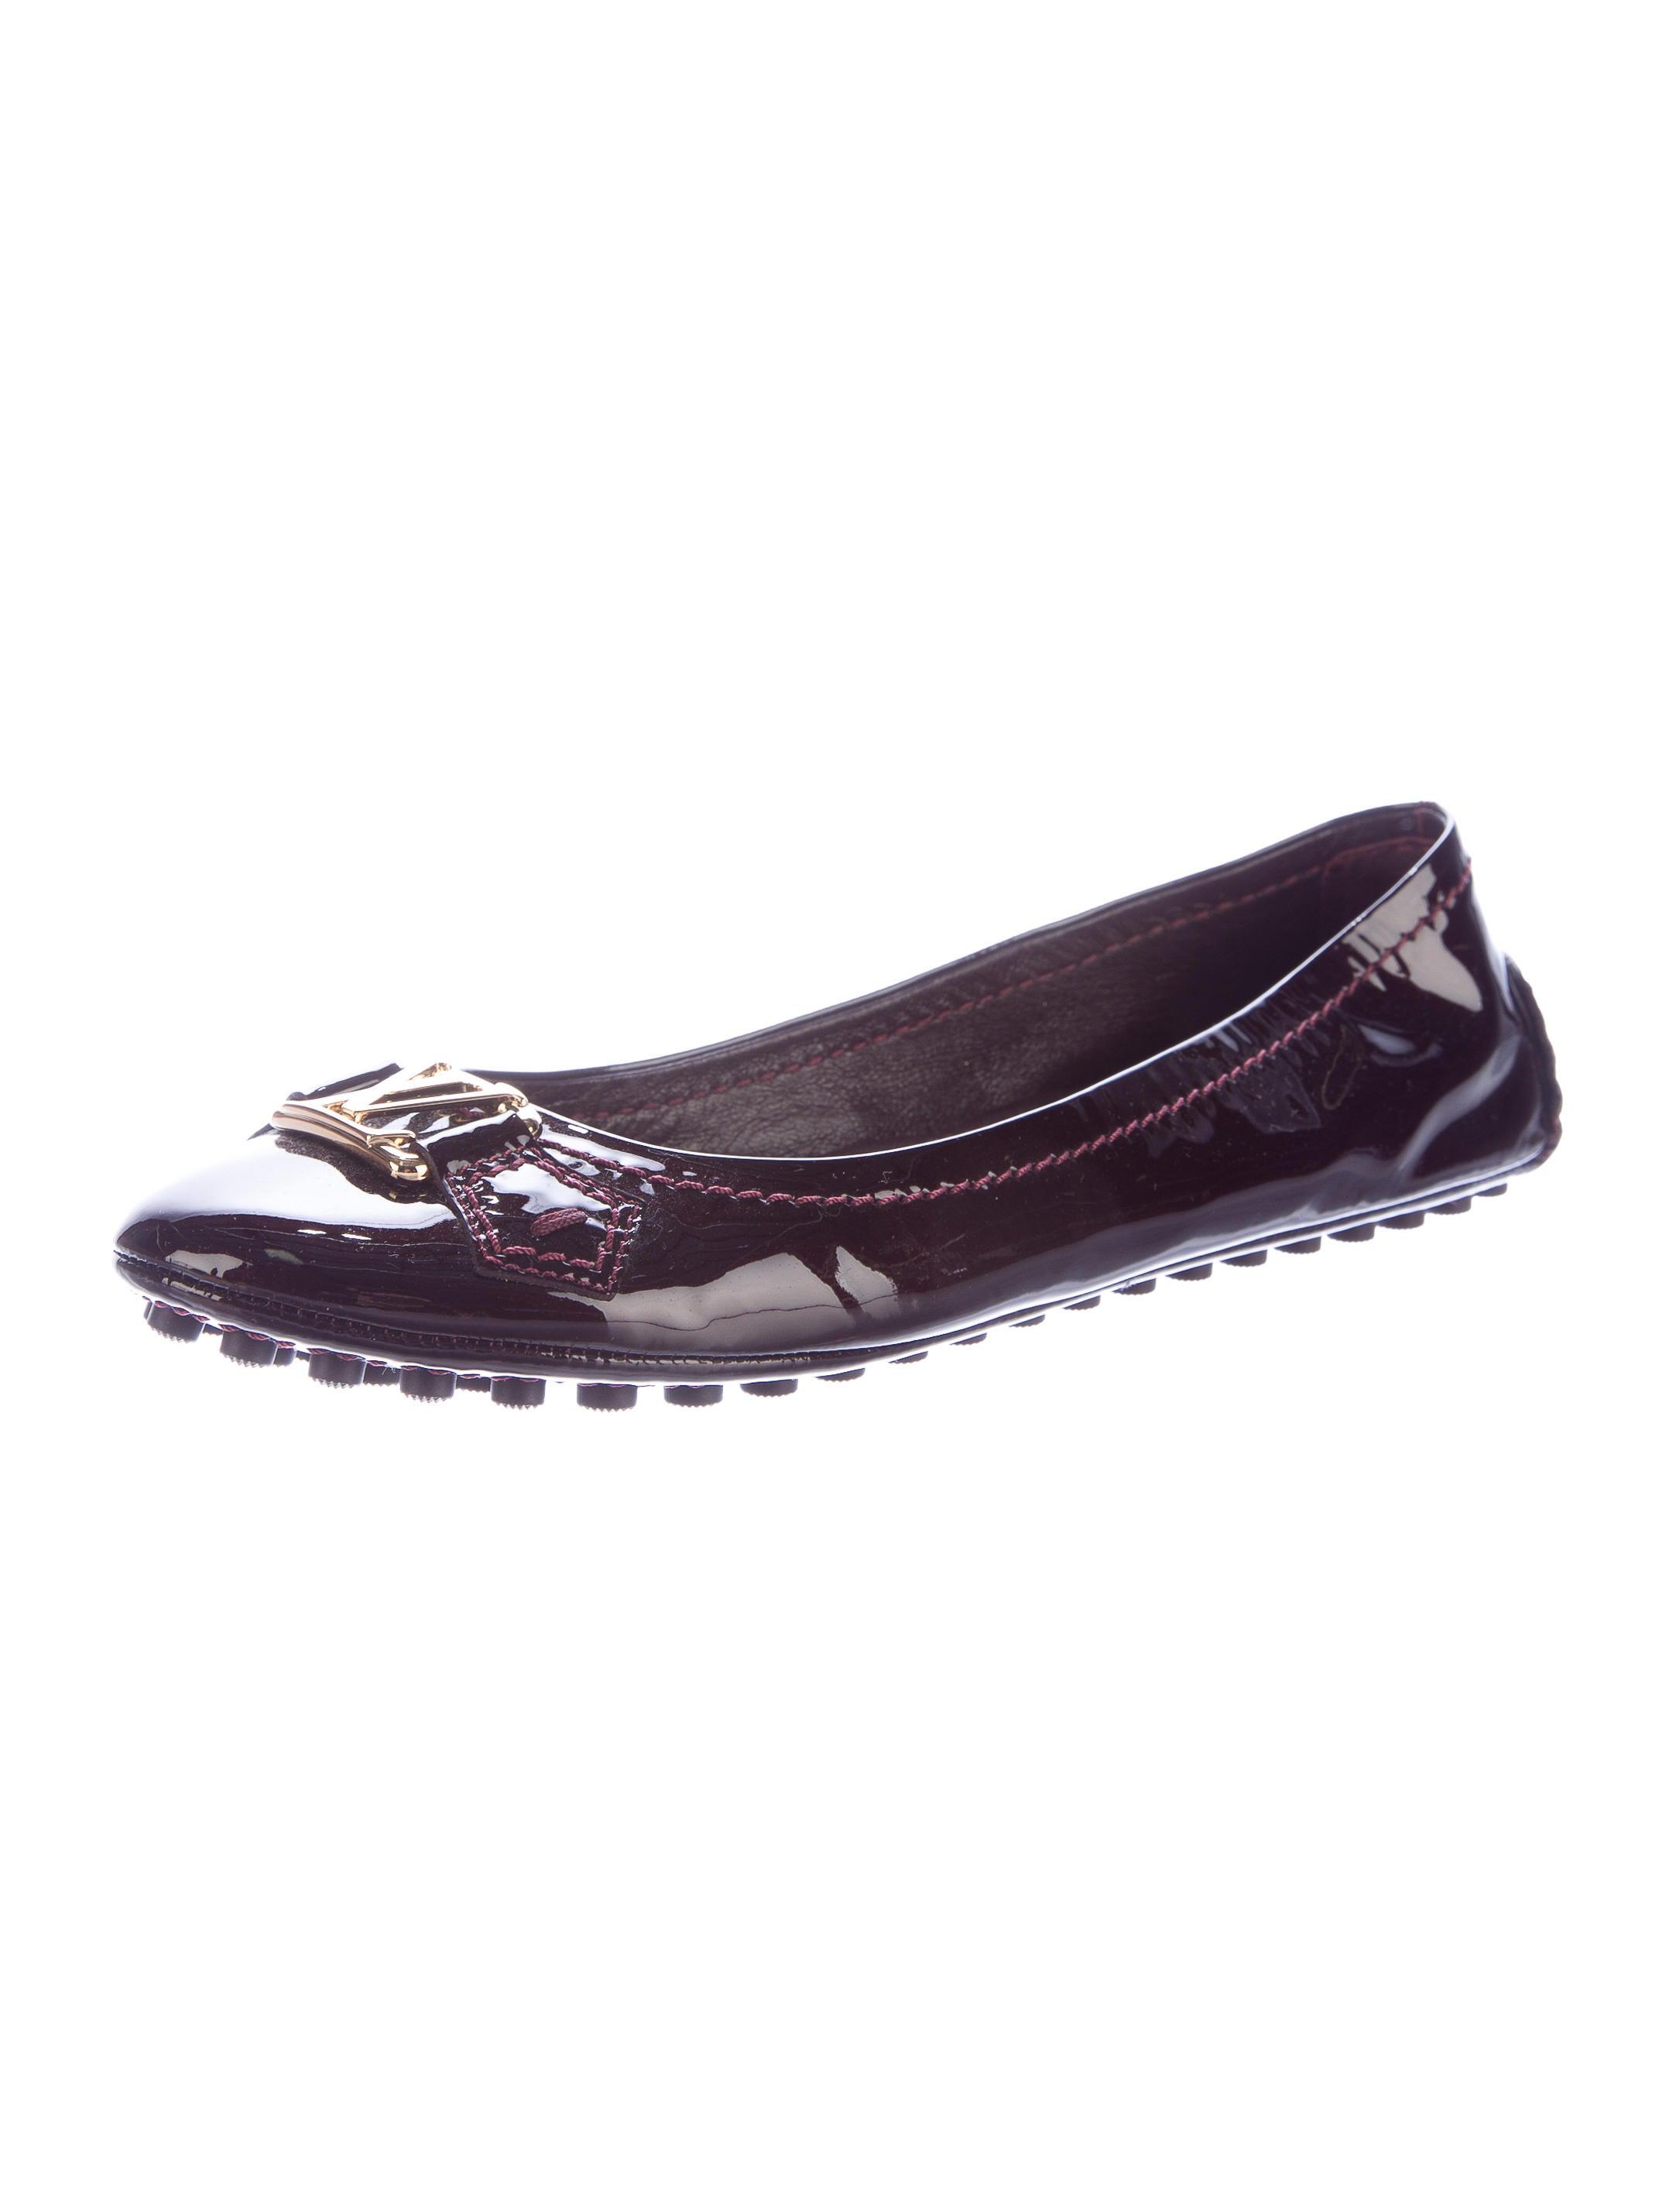 louis vuitton logo patent leather flats shoes lou88085